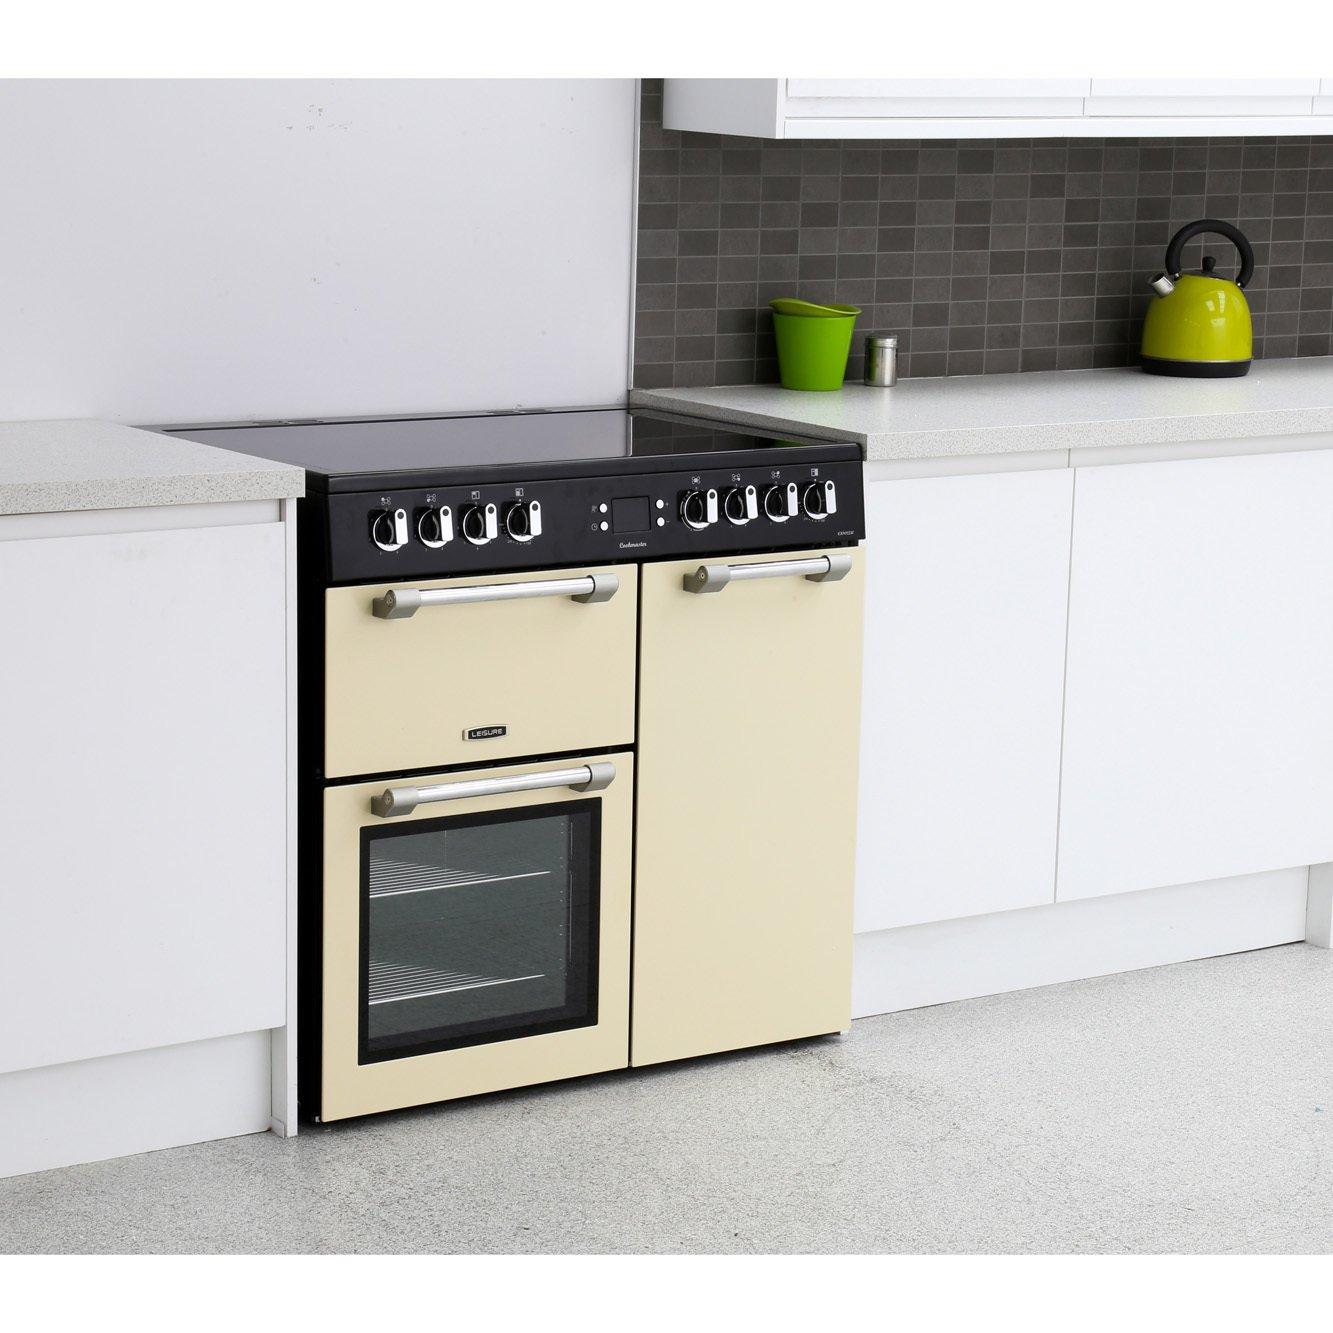 Buy Leisure Cookmaster Ck90c230c 90cm Electric Ceramic